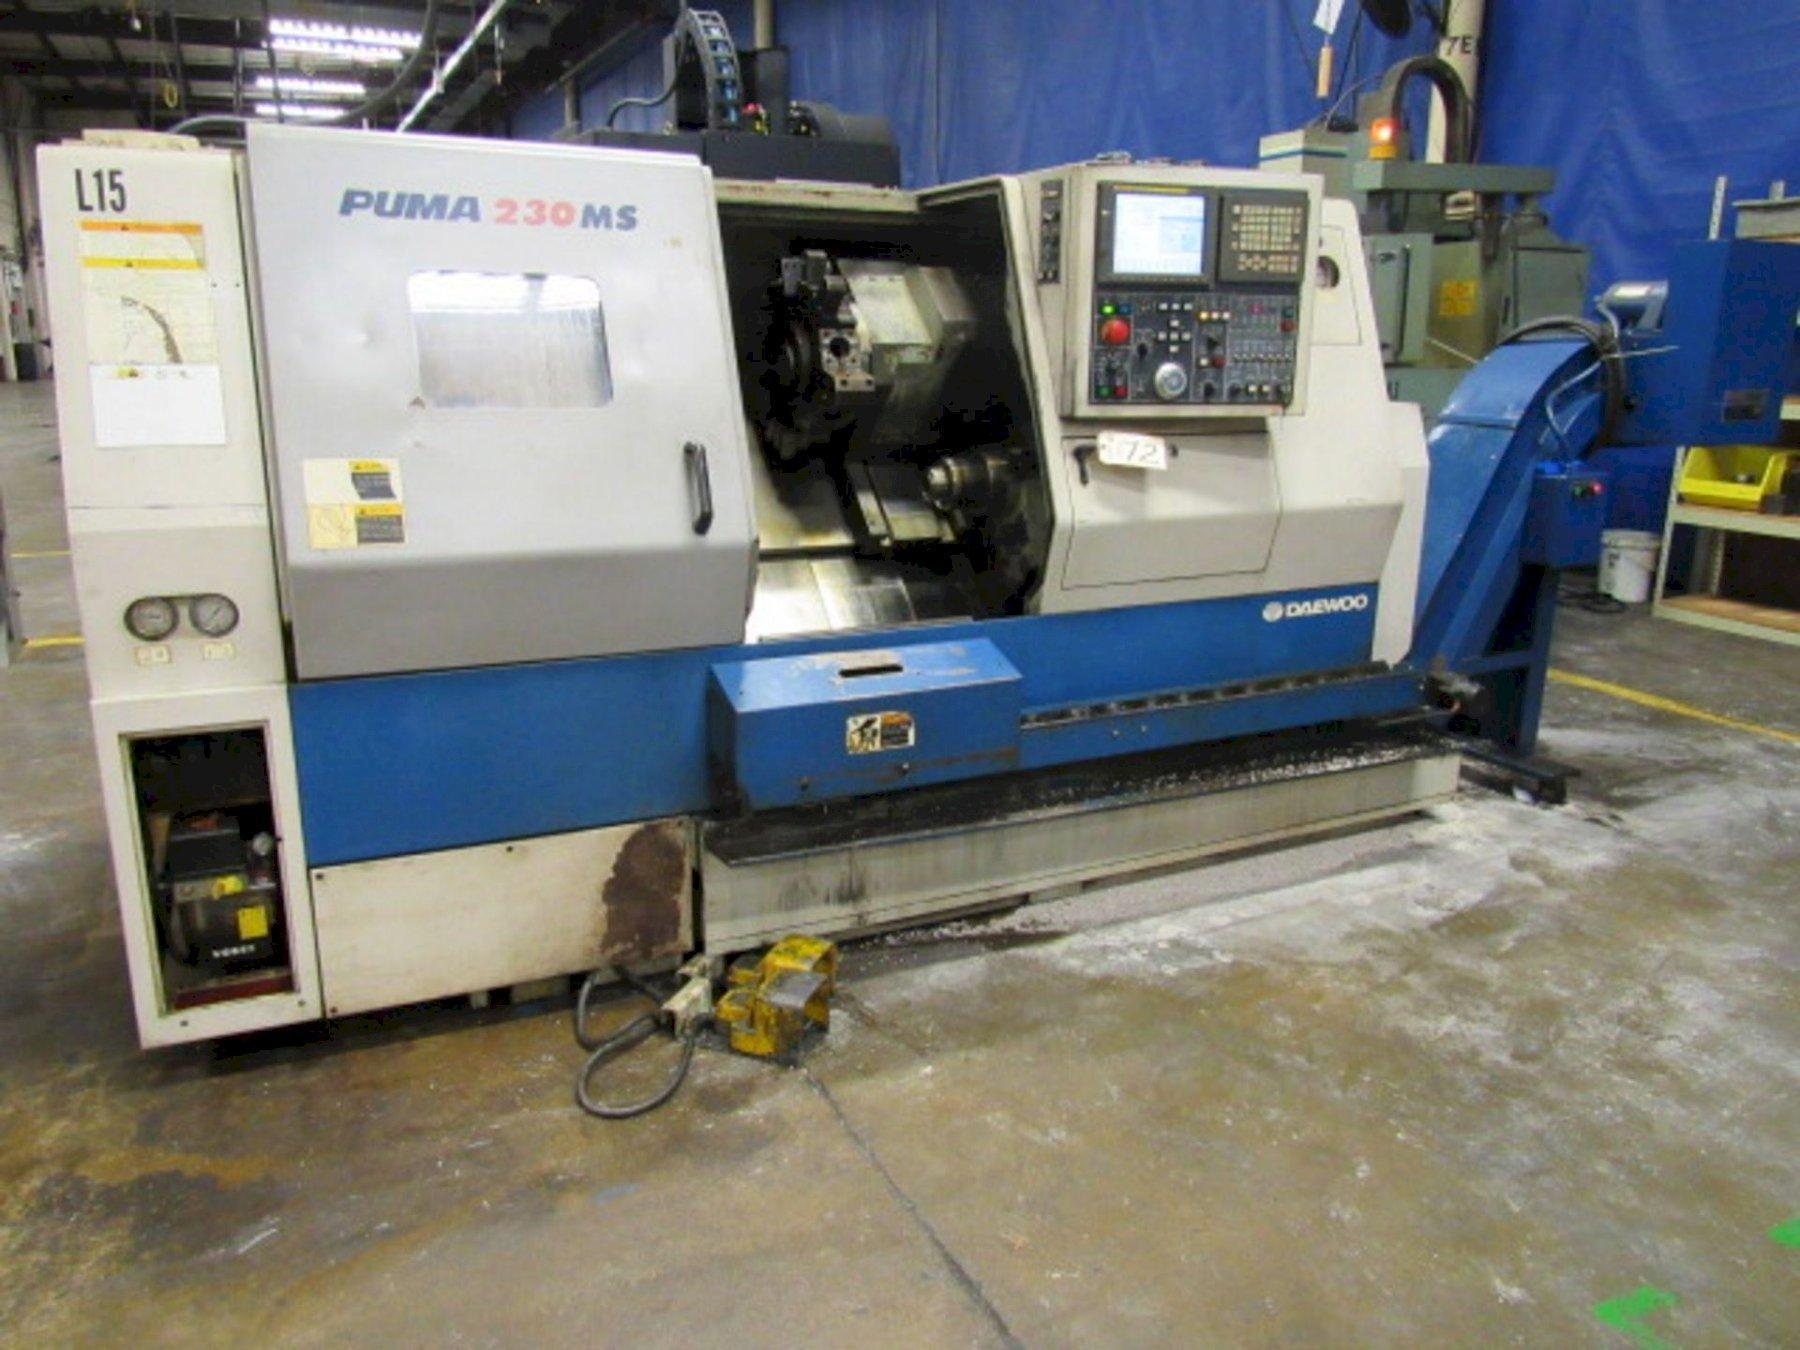 Dewoo Puma 230 MSB Centro de torneado CNC